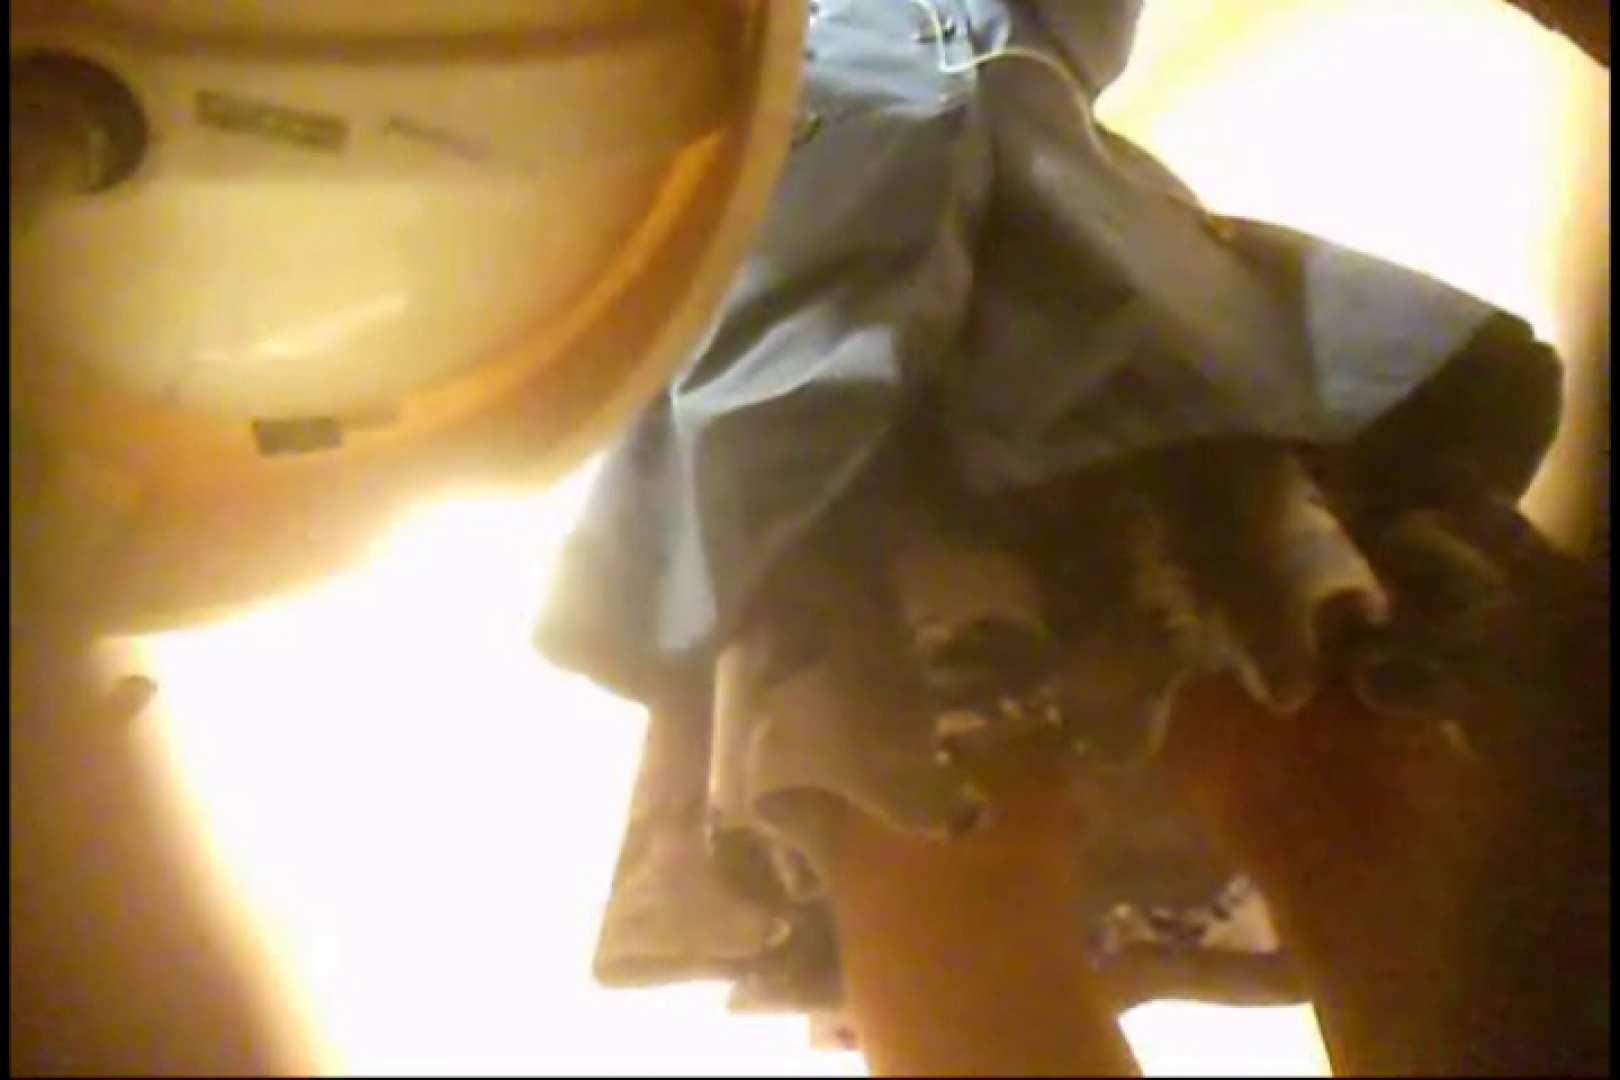 潜入!!女子化粧室盗撮~絶対見られたくない時間~vo,98 妊婦ヌード動画 隠し撮りオマンコ動画紹介 104画像 83